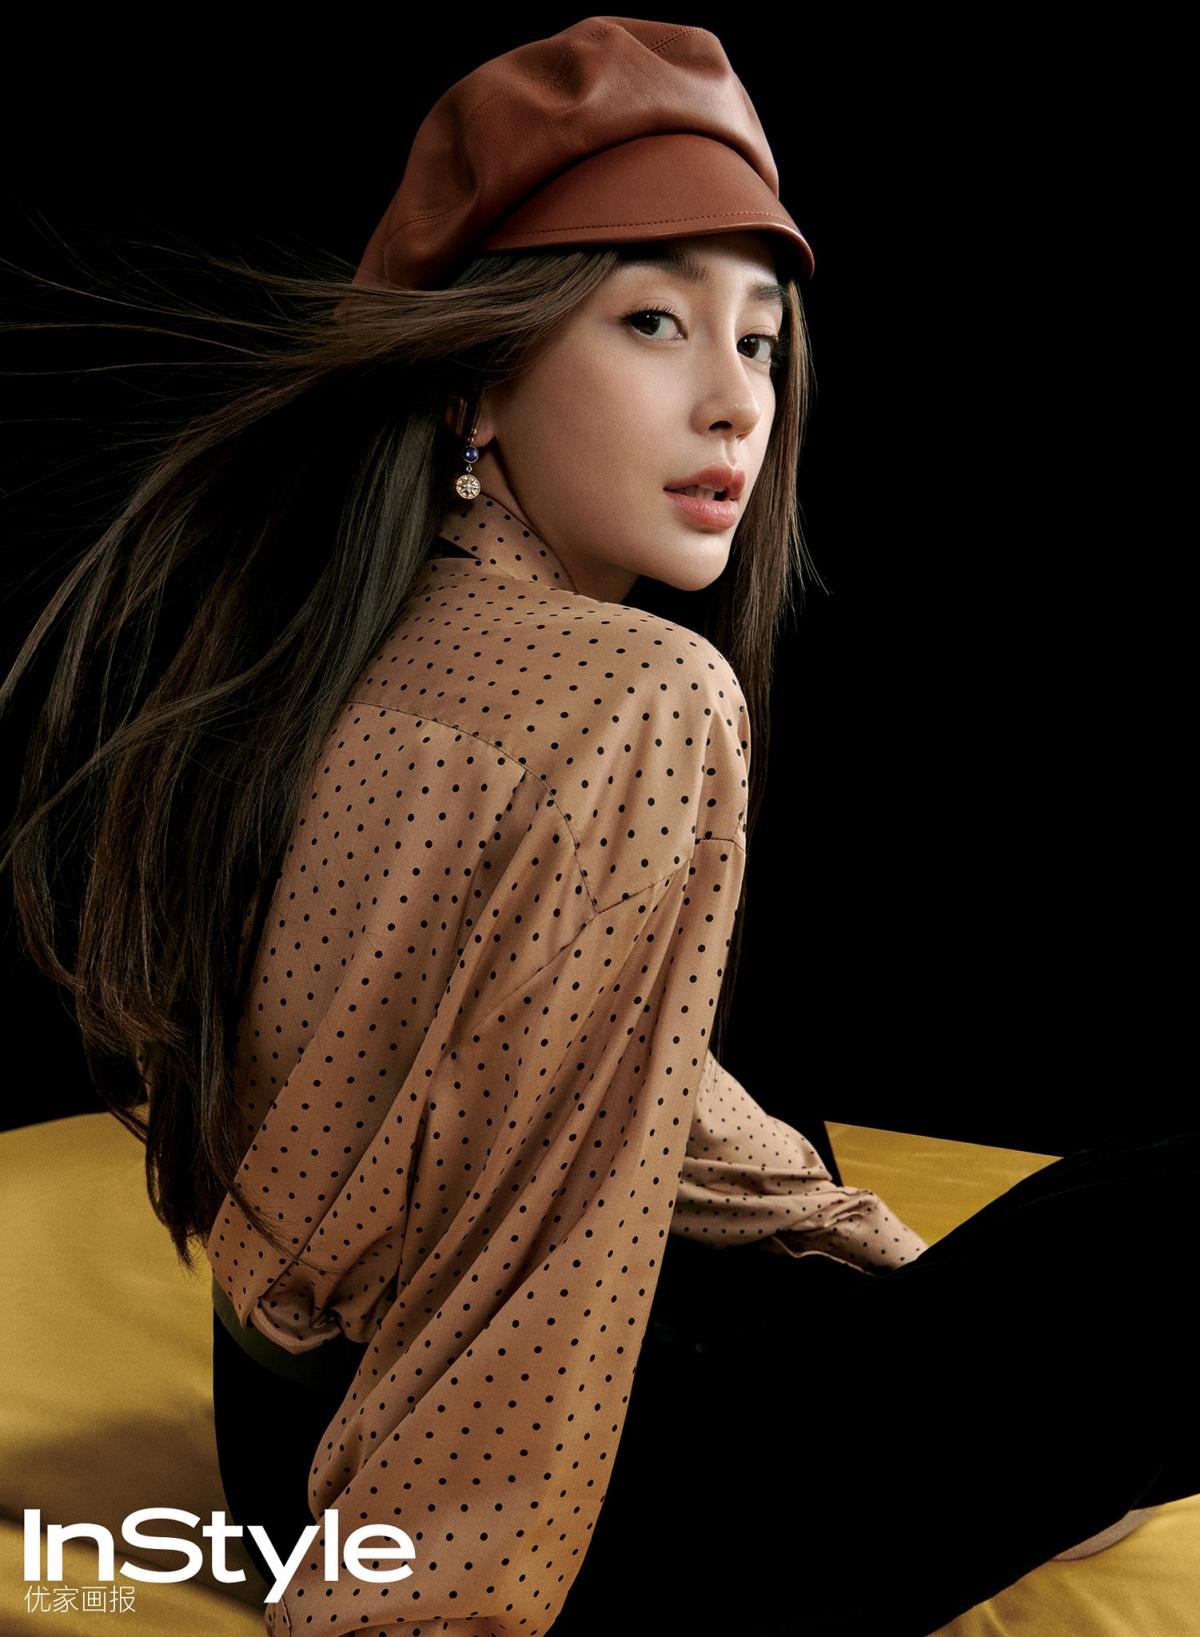 Đụng áo với Jisoo (BLACKPINK), bà mẹ một con không hề bị lấn át bởi khả năng phối đồ sáng tạo. Cô diện áo blouse hoạ tiết chấm bi với quần đen ống rộng, nhấn nhá cùng phụ kiện mũ beret.